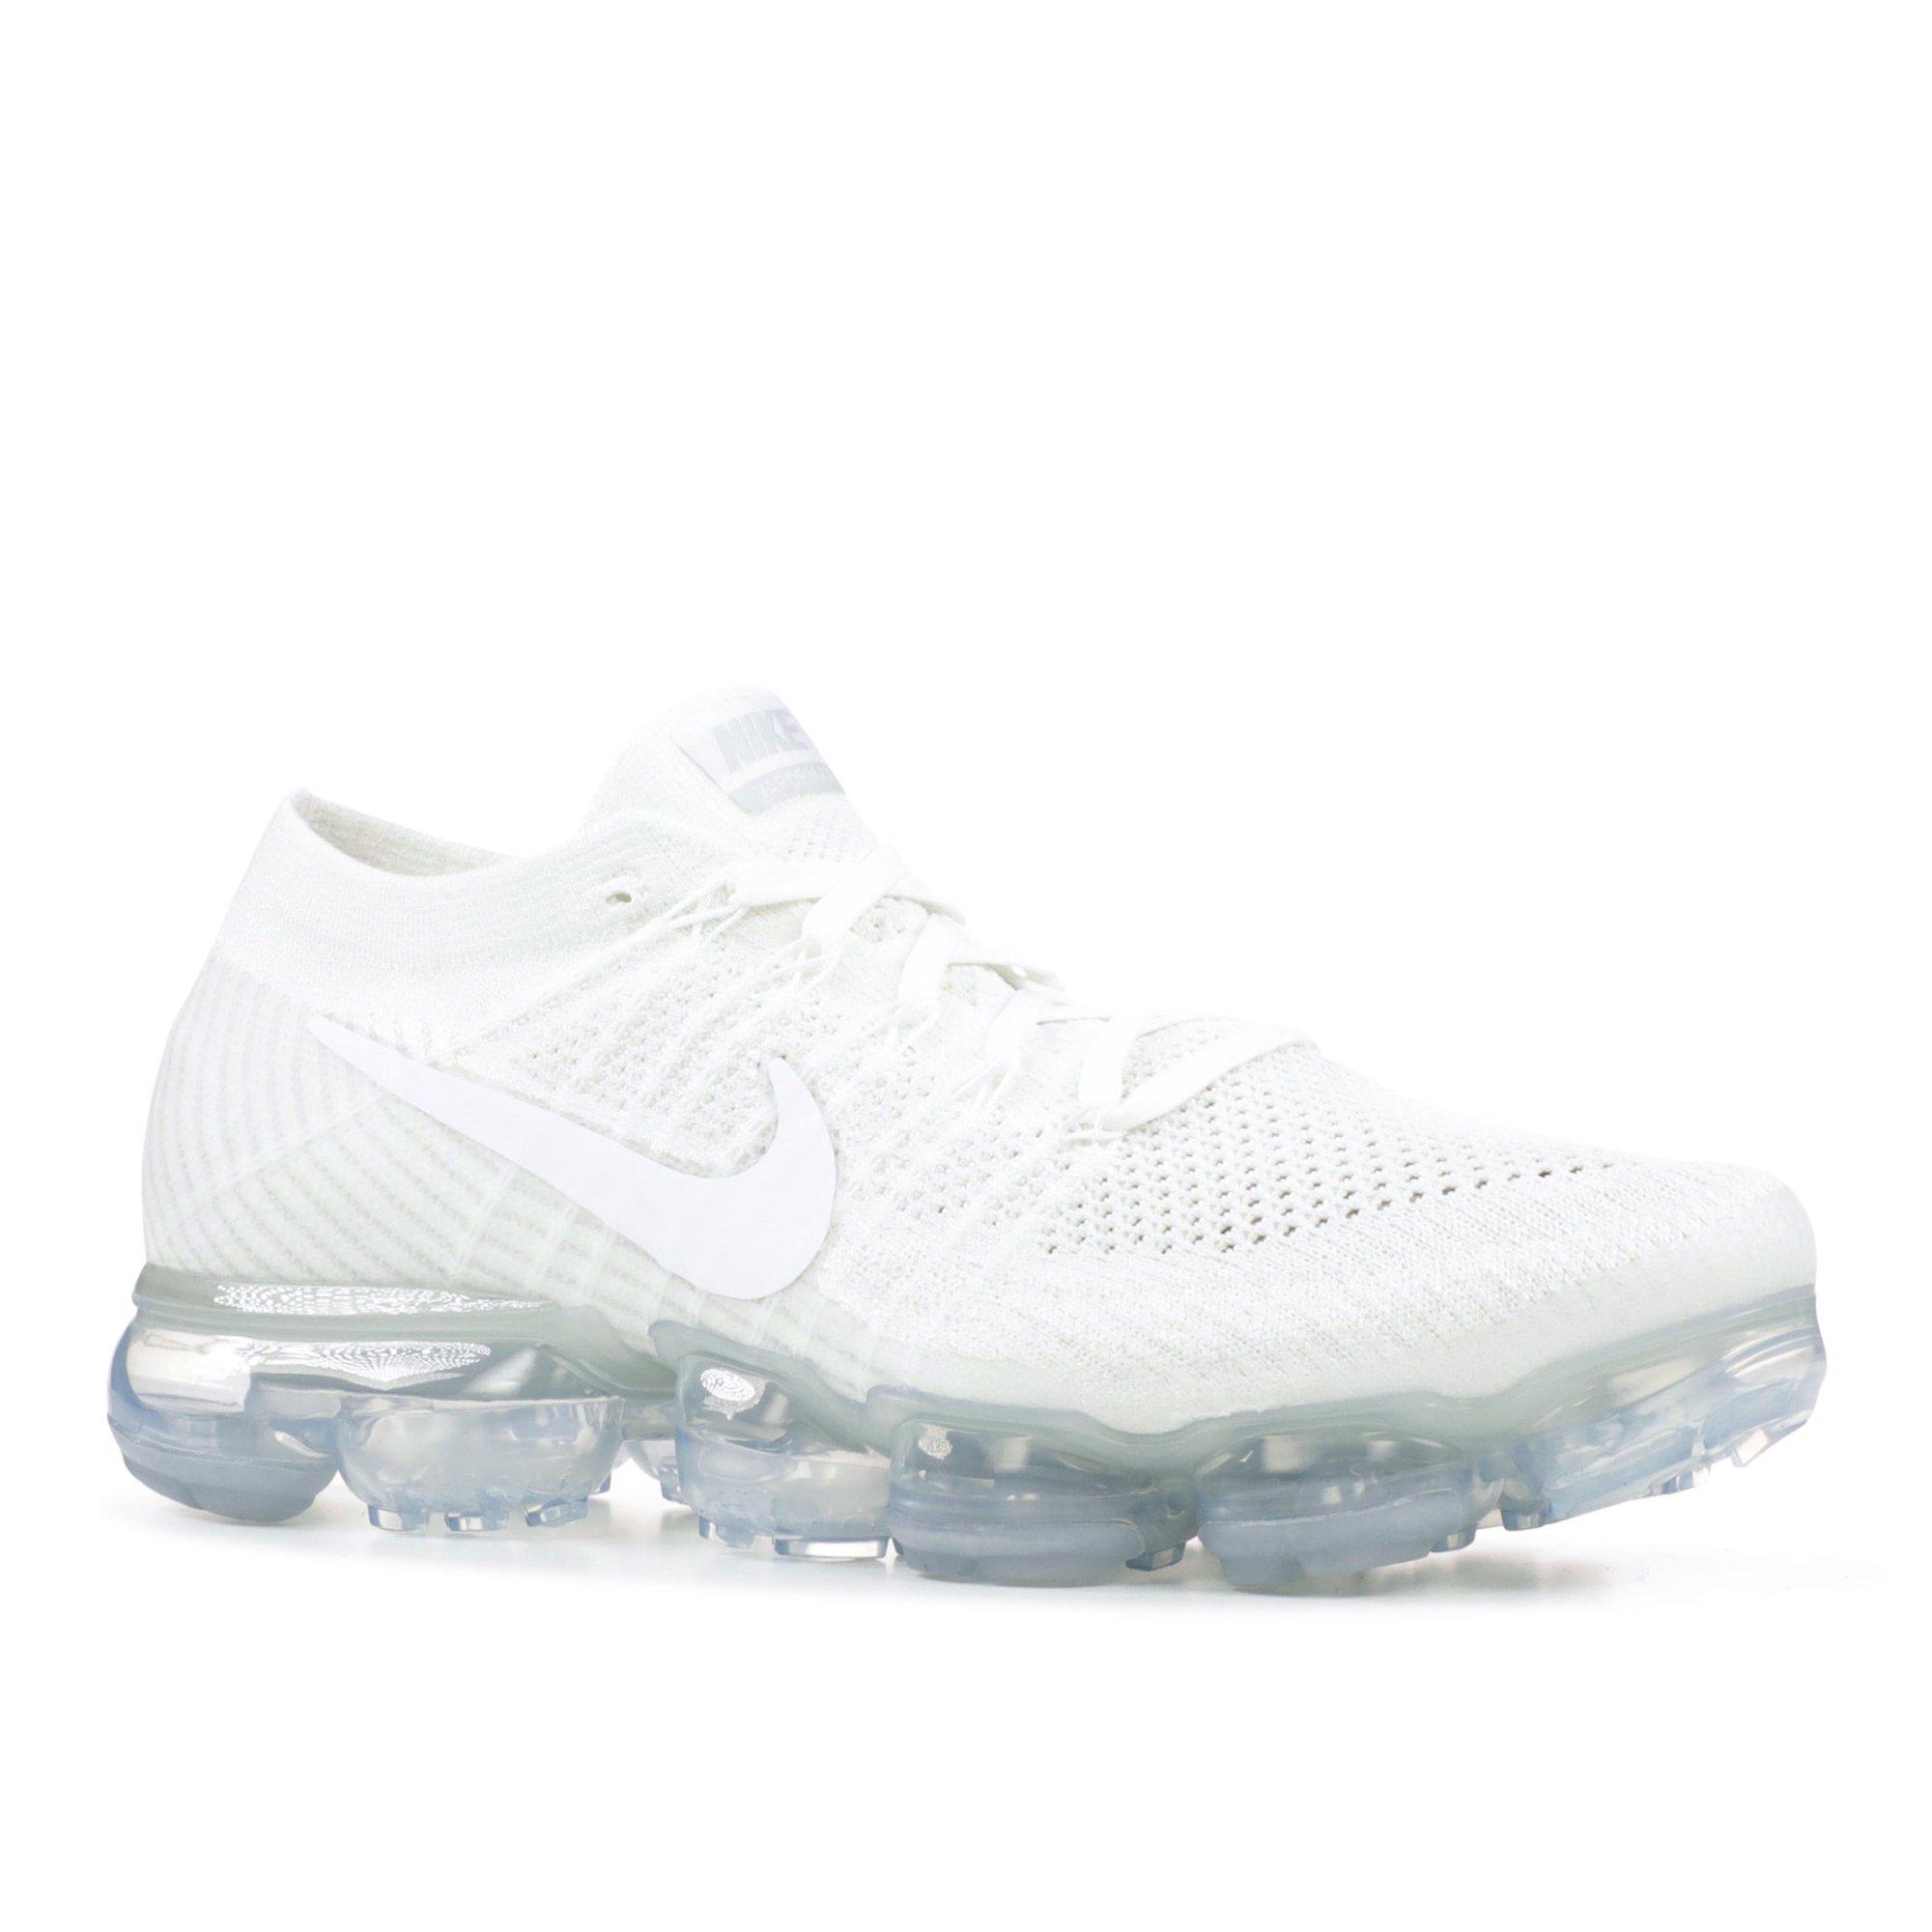 separation shoes d83b7 a1cdc Nike - Men - Nike Air Vapormax Flyknit 'Triple White ...